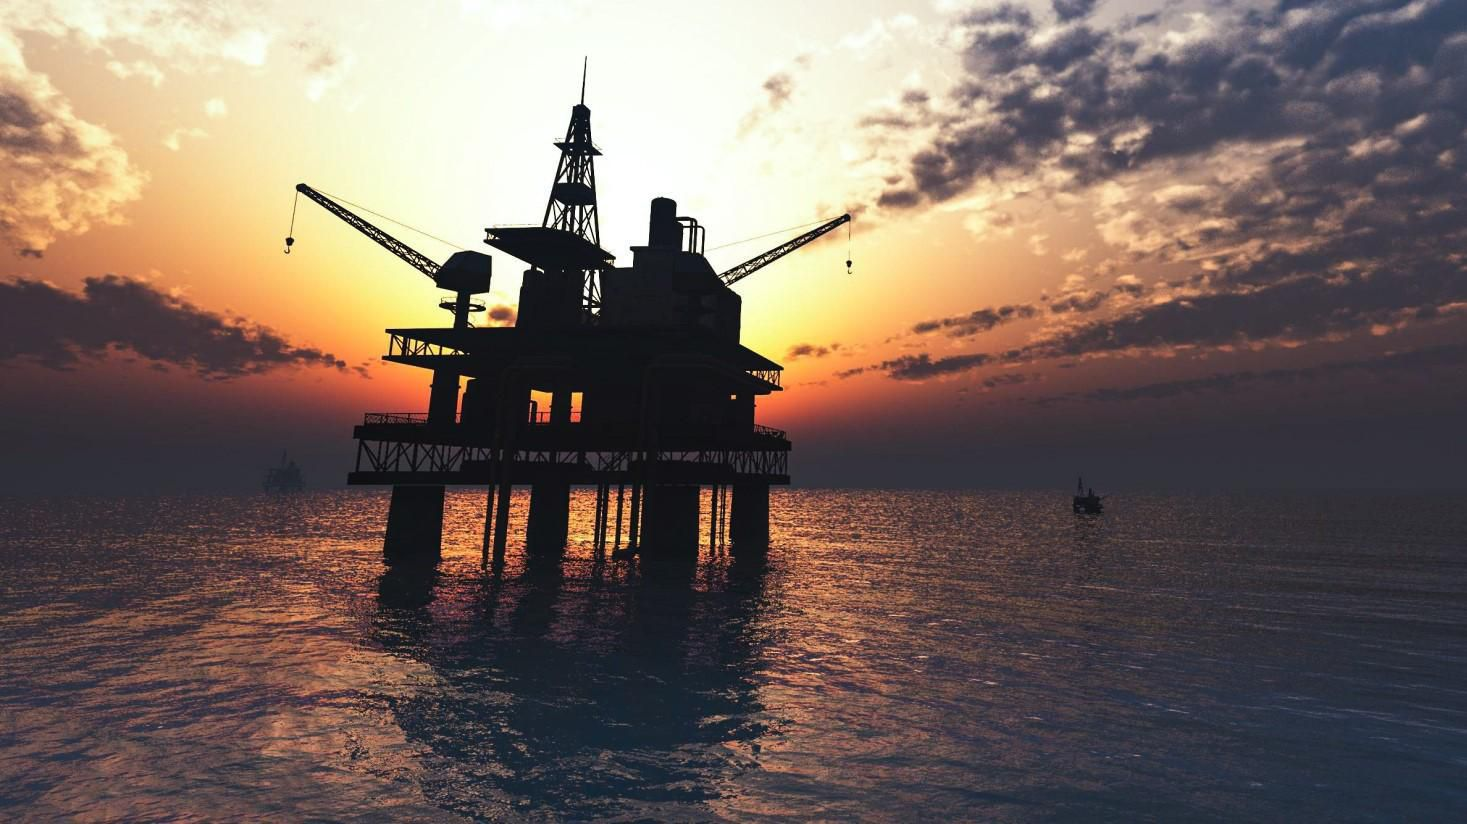 Kinh tế thế giới ra sao nếu giá dầu lên 100 USD/thùng? Ảnh 1